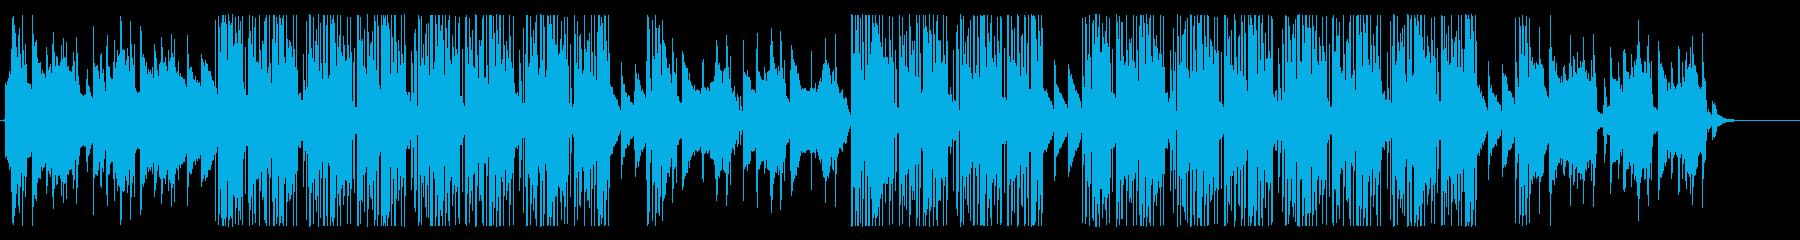 洋楽、冬の雰囲気のR&Bの再生済みの波形